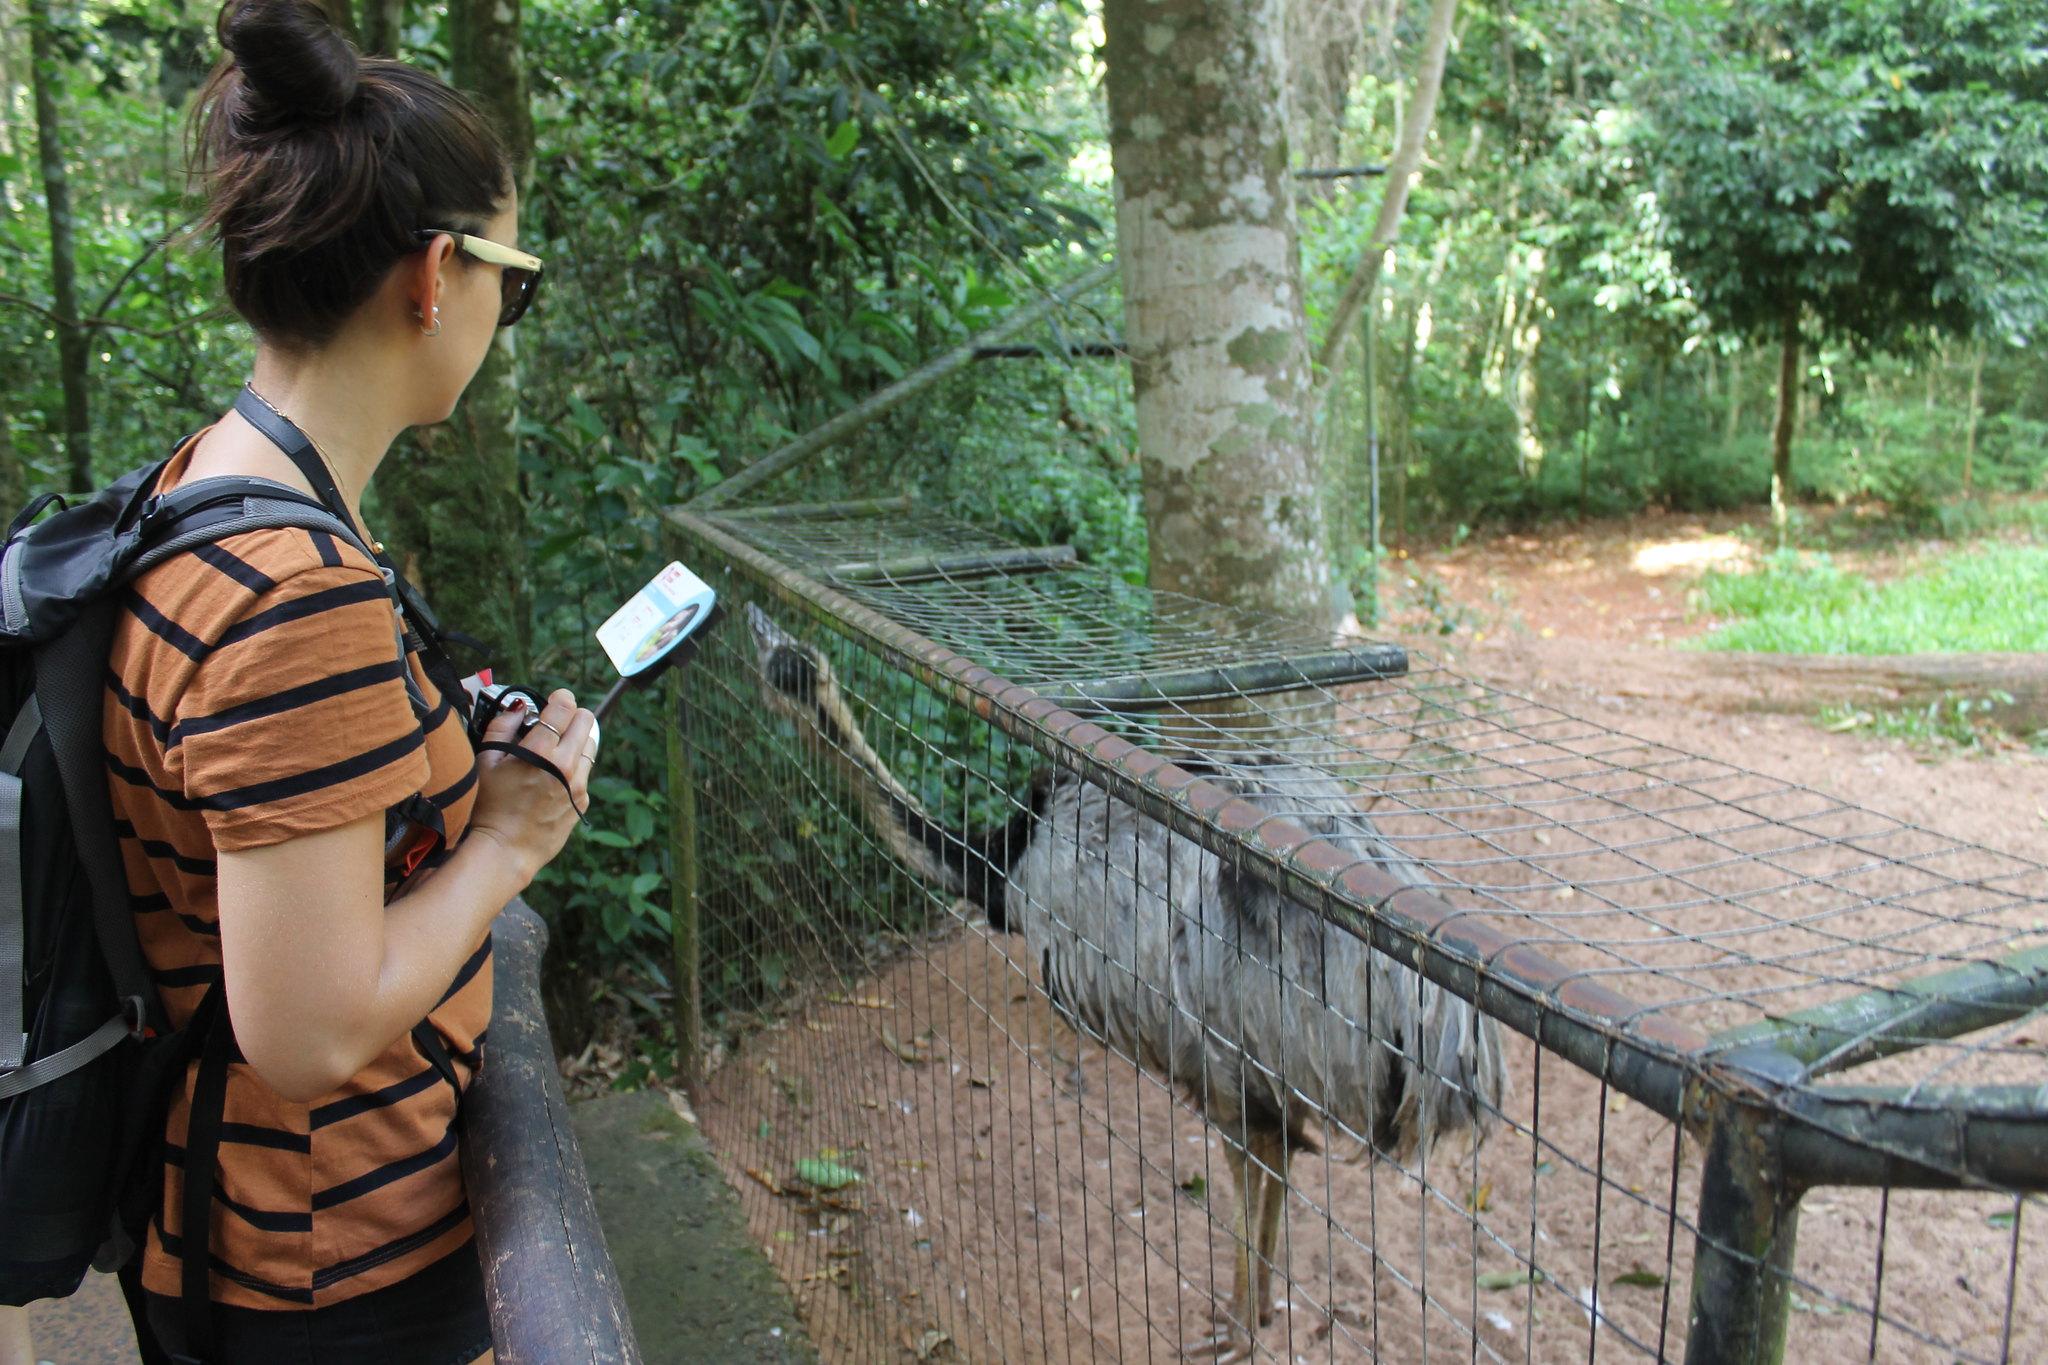 parque-das-aves15